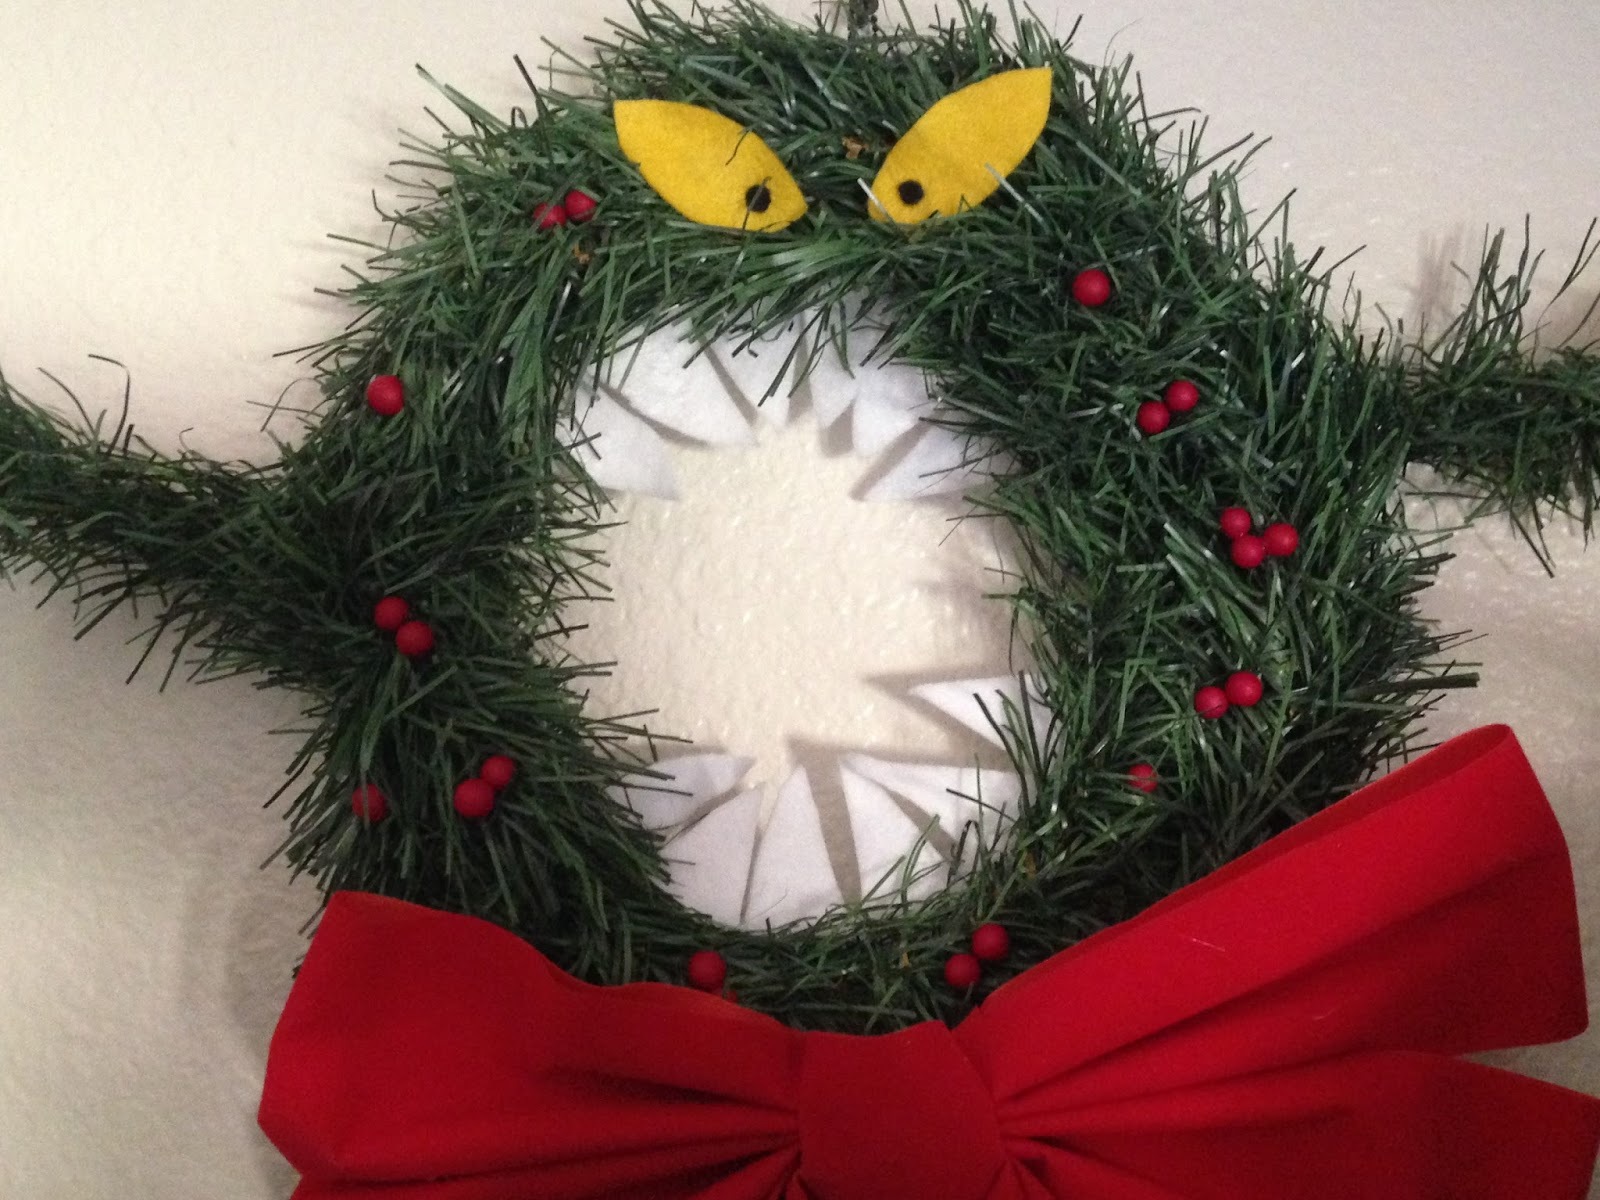 Adventures in DIY: Nightmare Before Christmas Man-Eating Wreath